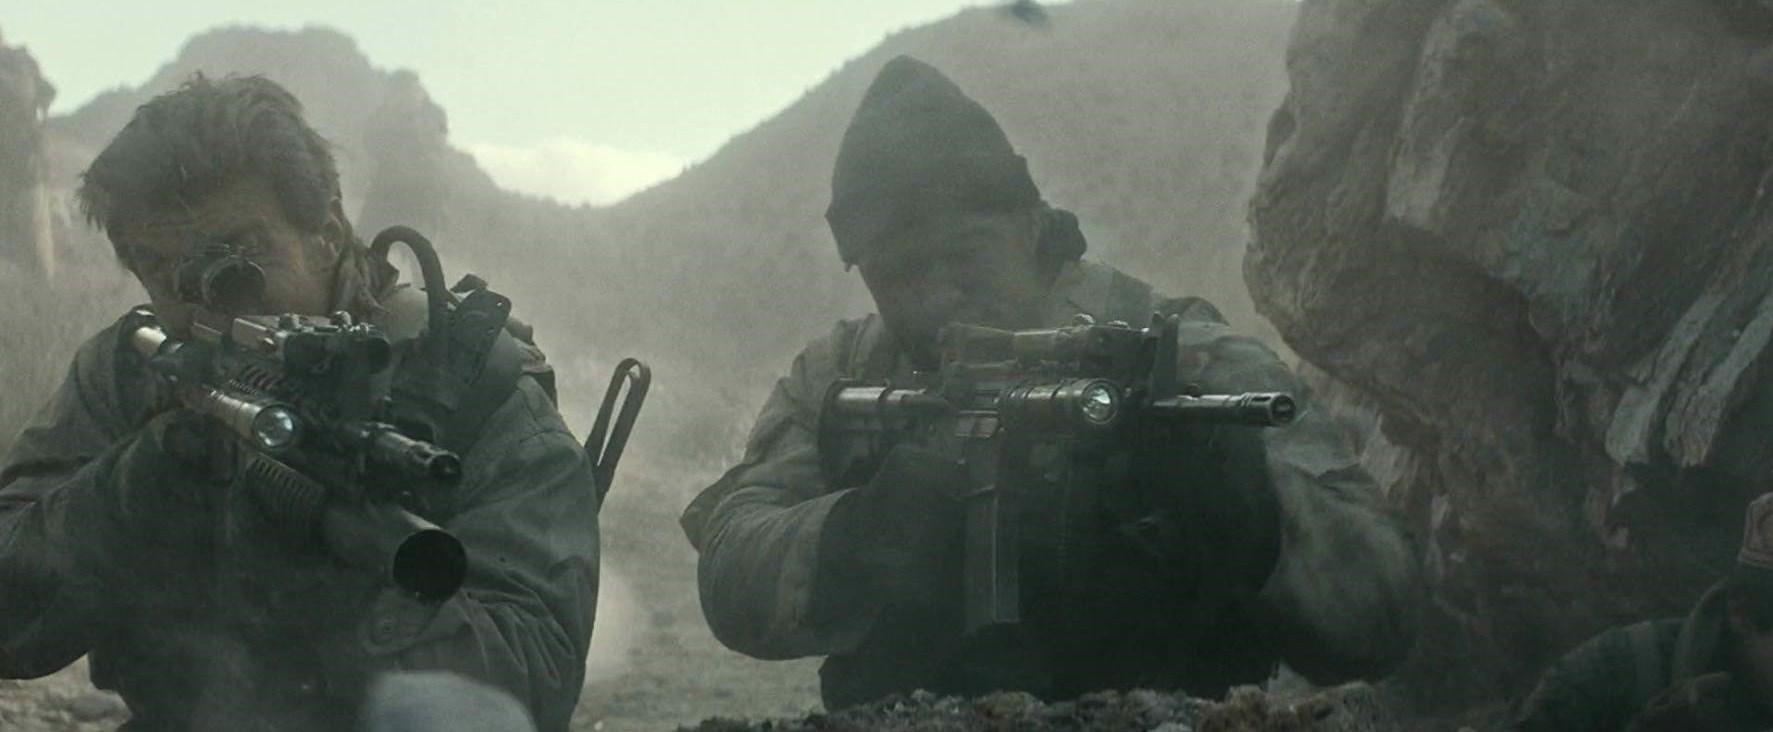 آیا آمریکا قصد تسخیر دوباره افغانستان را دارد؟+ عکس